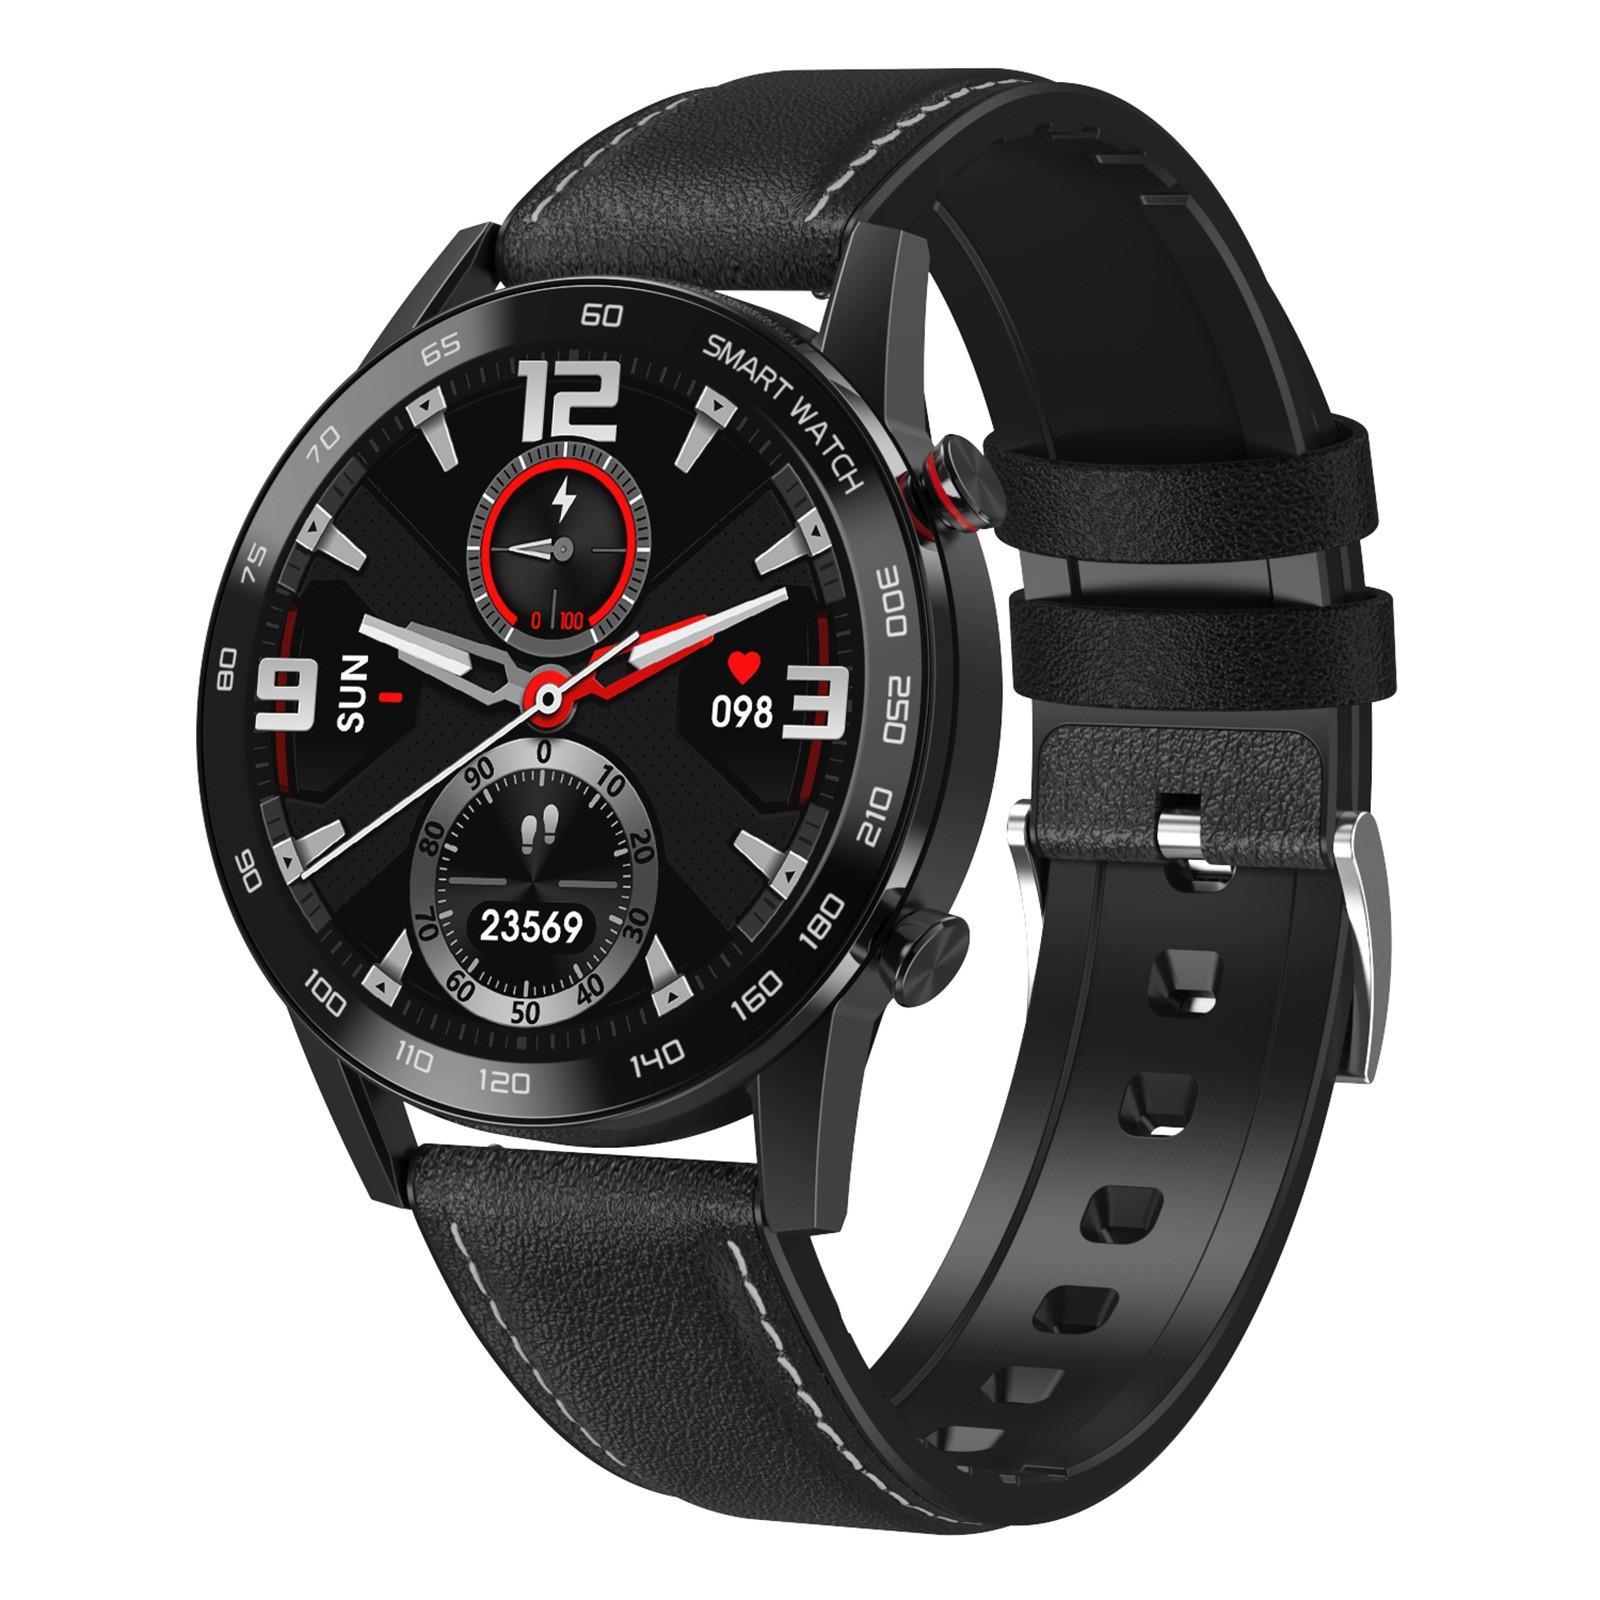 2021 Fitness DT95 Smart Watch Hombres Mujeres Tasa del corazón Monitor de presión arterial Bluetooth Connect Smartwatch para Android Watch Smart